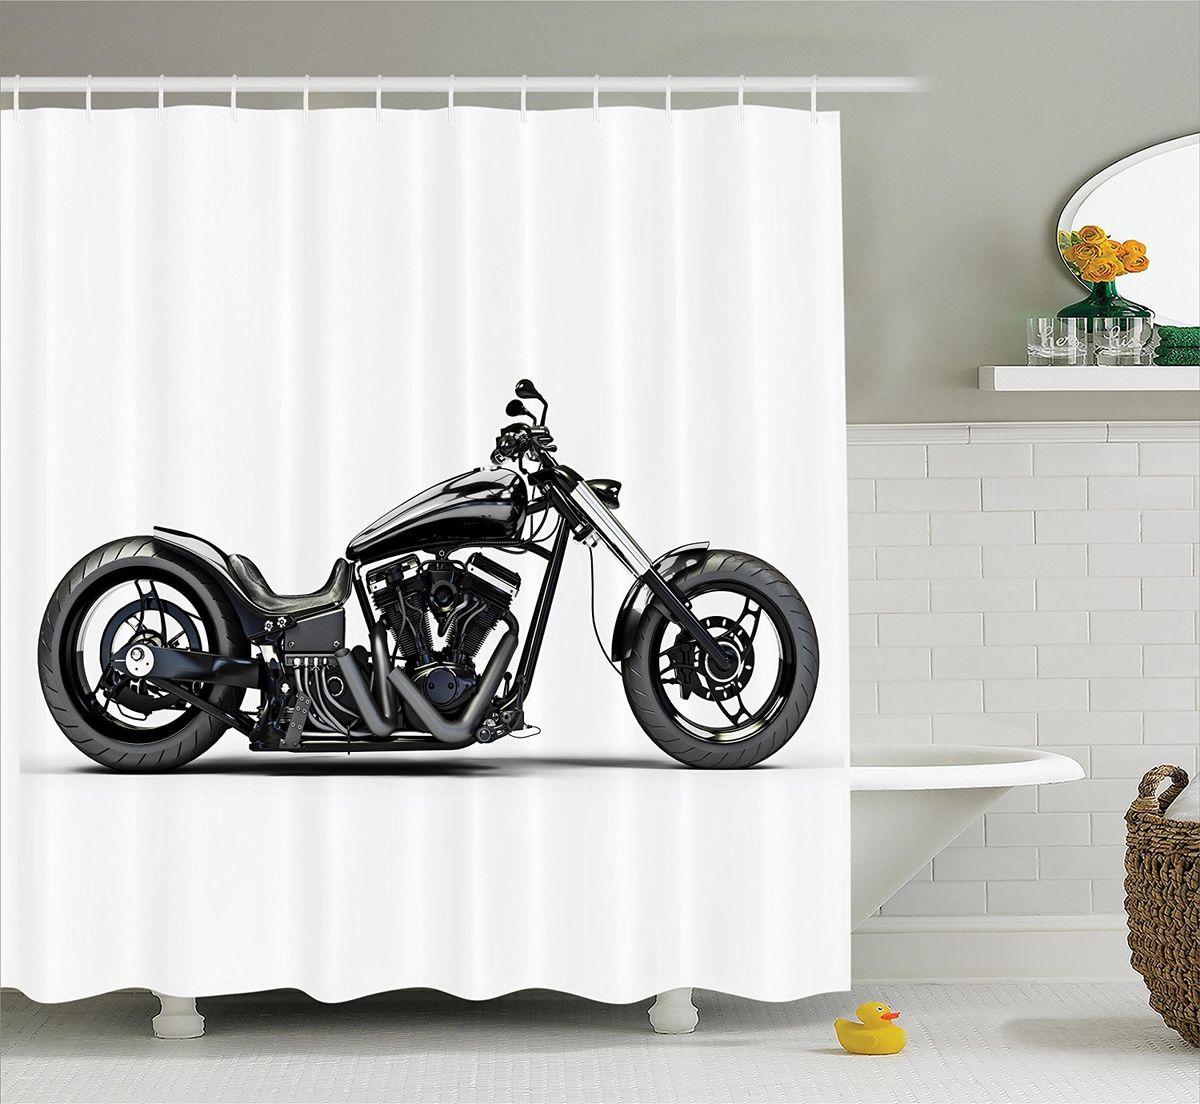 Штора для ванной комнаты Magic Lady Черный мотоцикл, 180 х 200 см391602Штора Magic Lady Черный мотоцикл, изготовленная из высококачественного сатена (полиэстер 100%), отлично дополнит любой интерьер ванной комнаты. При изготовлении используются специальные гипоаллергенные чернила для прямой печати по ткани, безопасные для человека.В комплекте: 1 штора, 12 крючков. Обращаем ваше внимание, фактический цвет изделия может незначительно отличаться от представленного на фото.